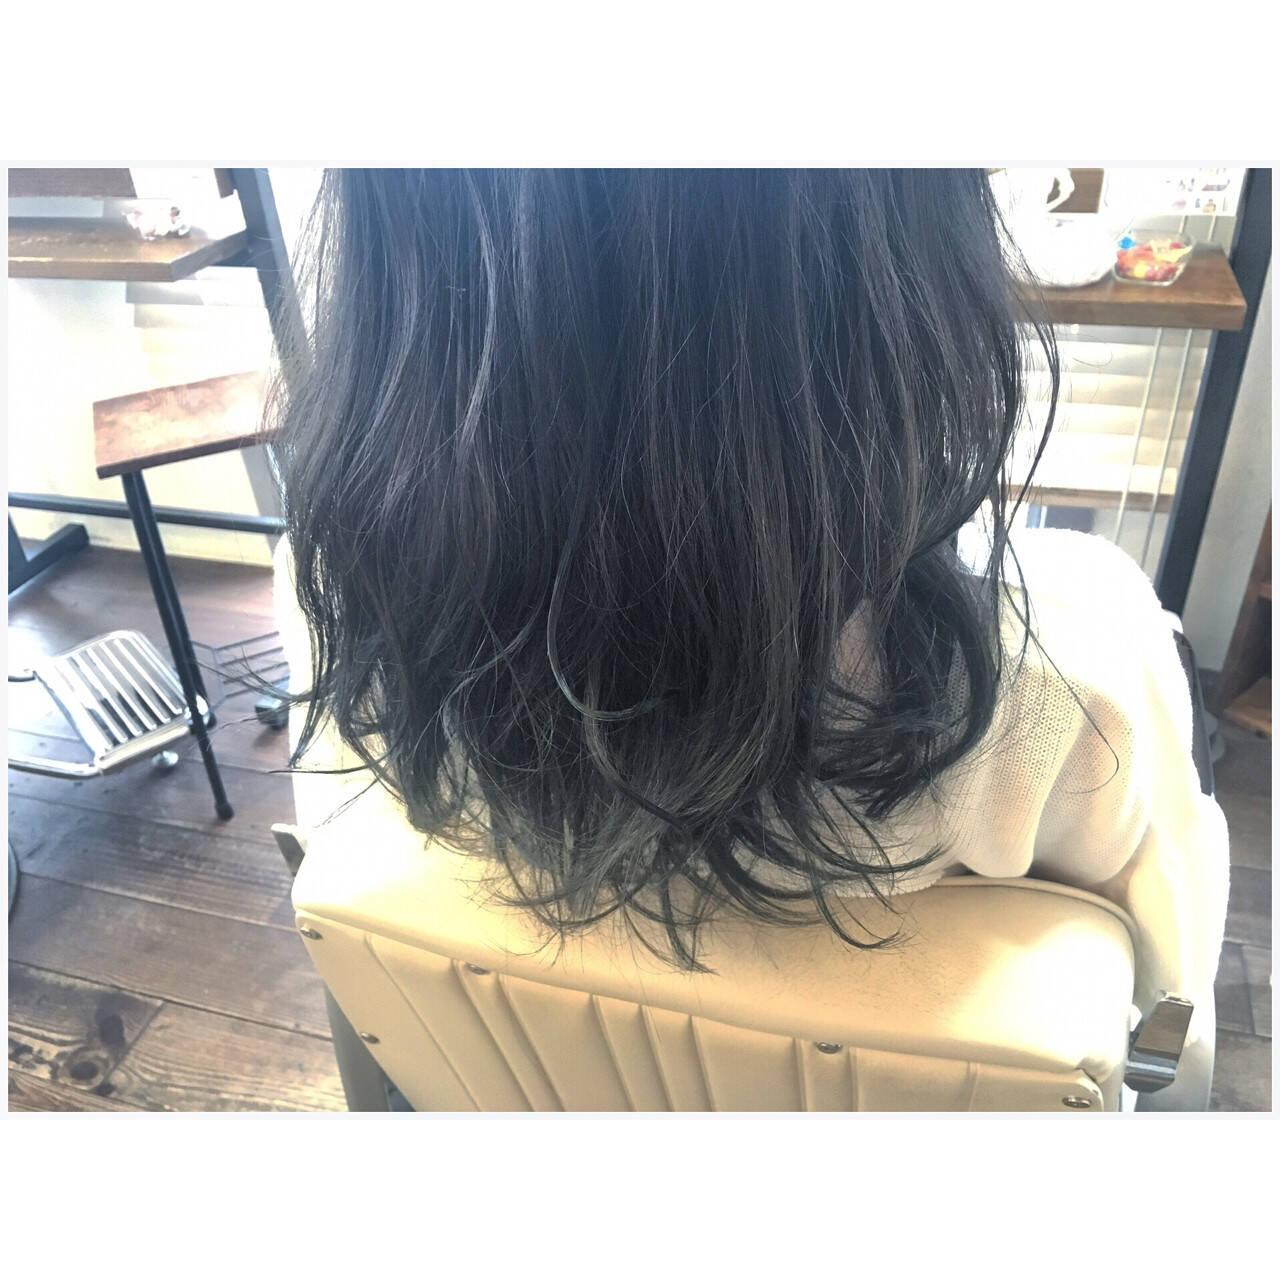 ストリート ネイビー マット モードヘアスタイルや髪型の写真・画像